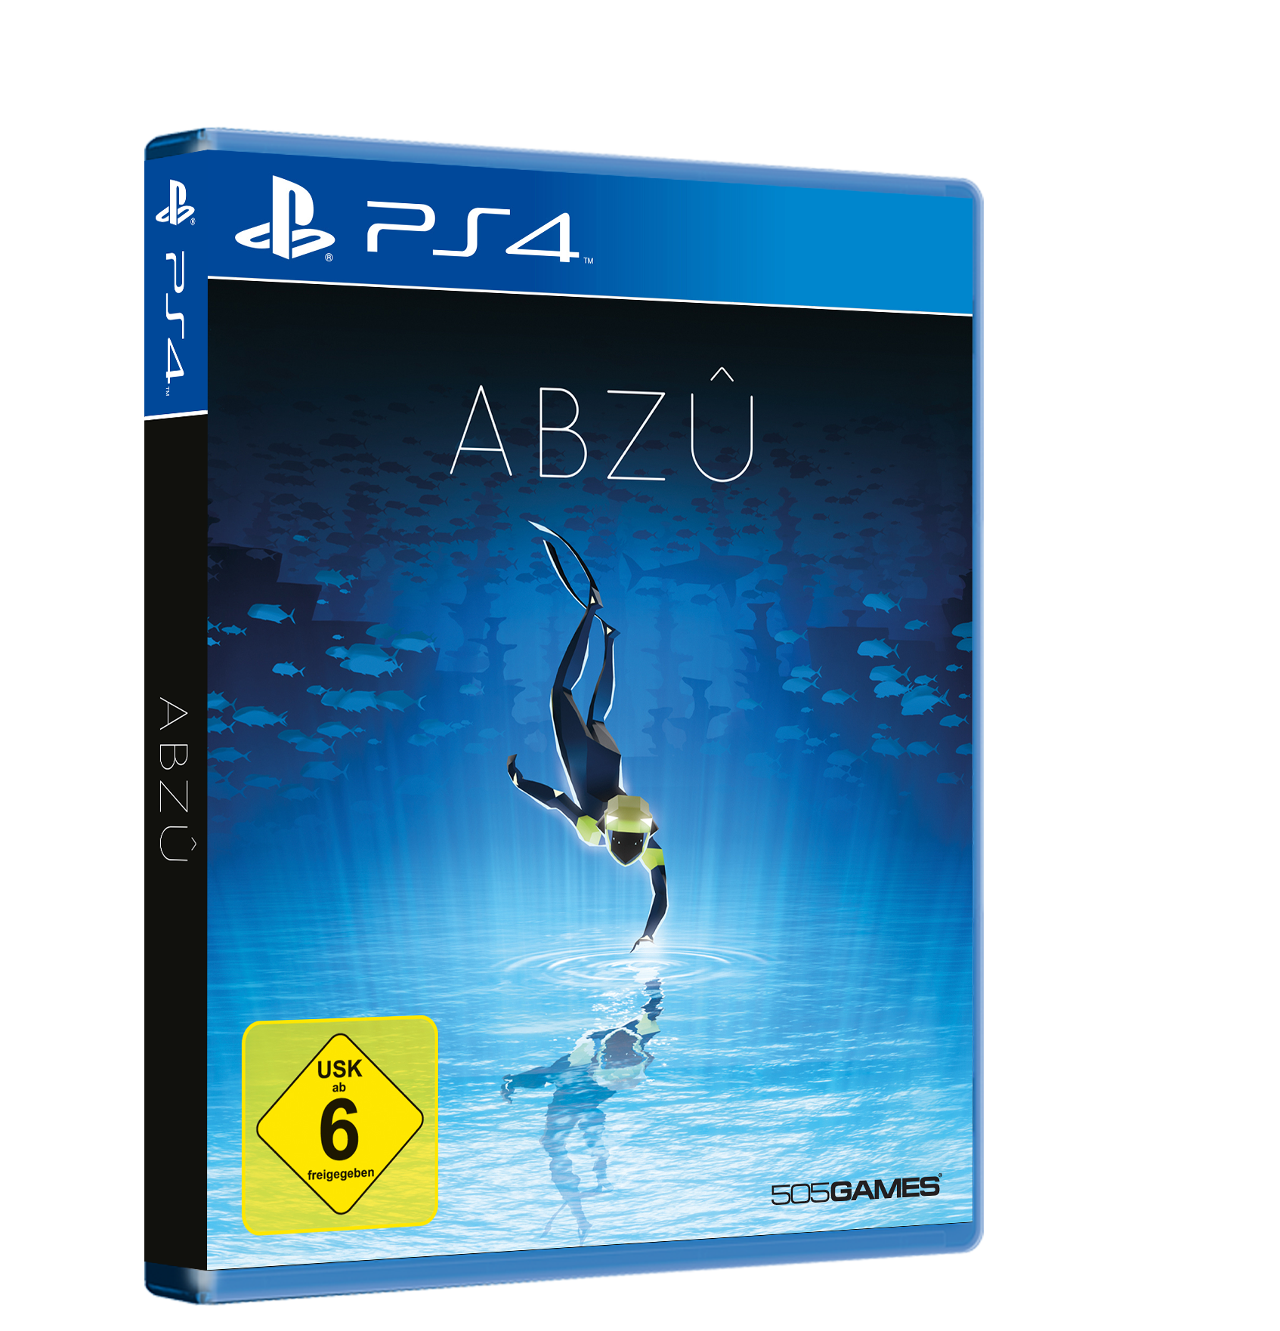 ABZÛ: la versione fisica per PS4 è disponibile da oggi nei negozi